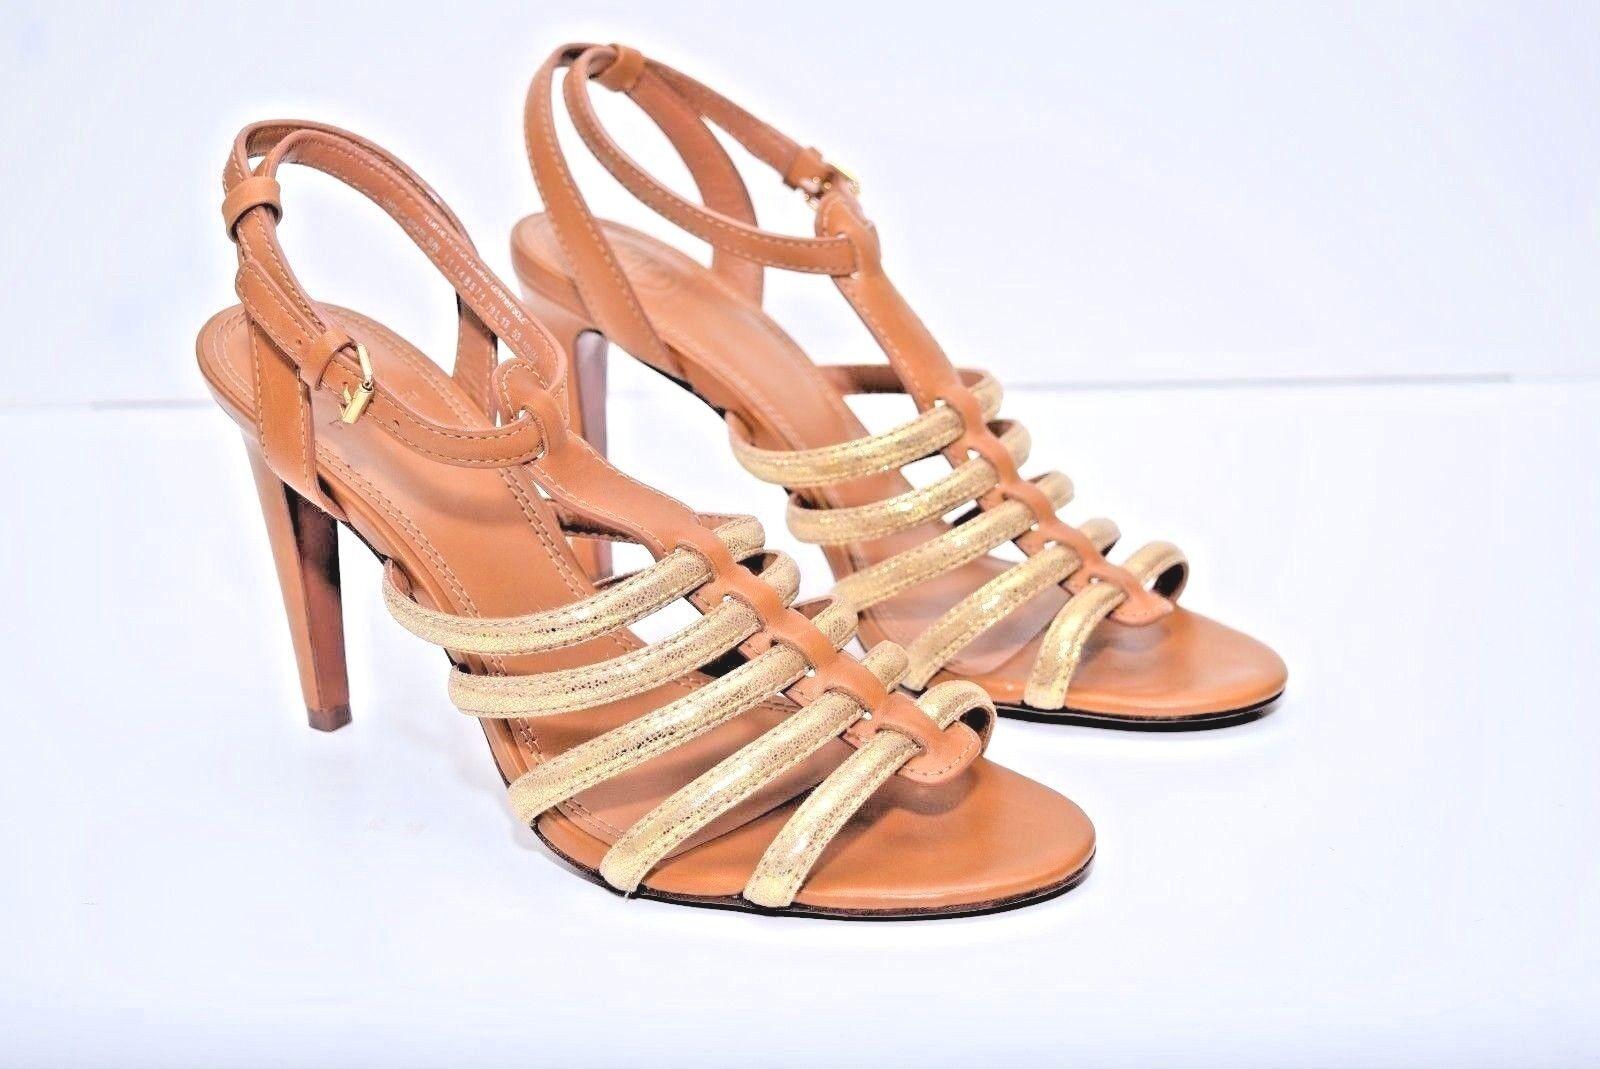 Nuevo Sin Caja Tory Burch Mujer Cuero Cuero Cuero Marrón oro Sandalias Zapatos Talla 10.5M b9c12c